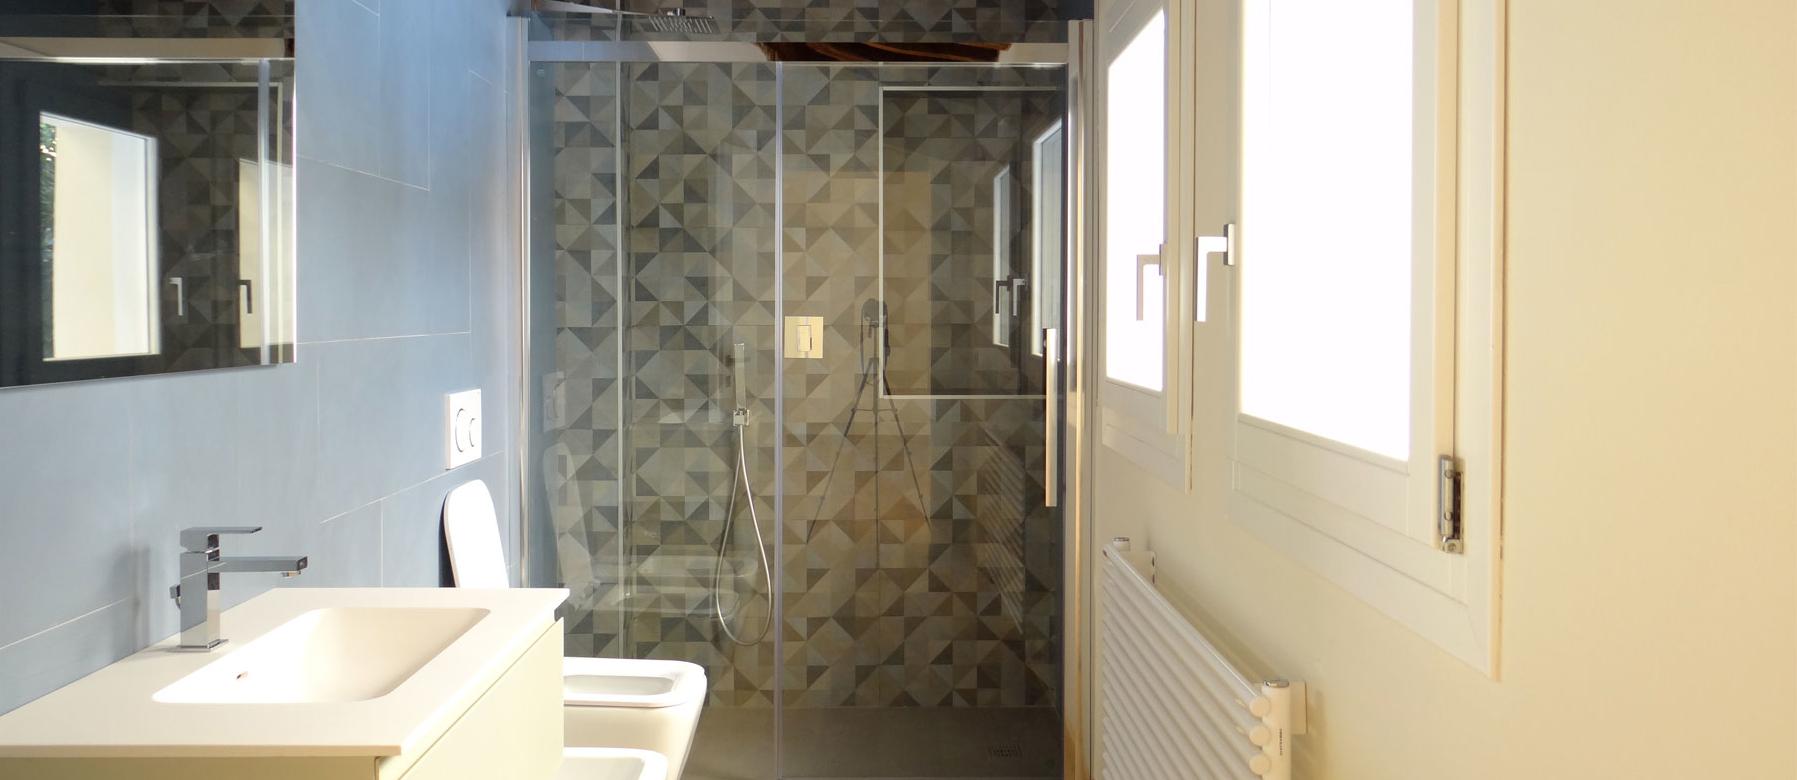 Il tuo nuovo bagno a 149 euro al mese!!! <br>Con carry shop puoi farlo.<br> Affrettati!!!